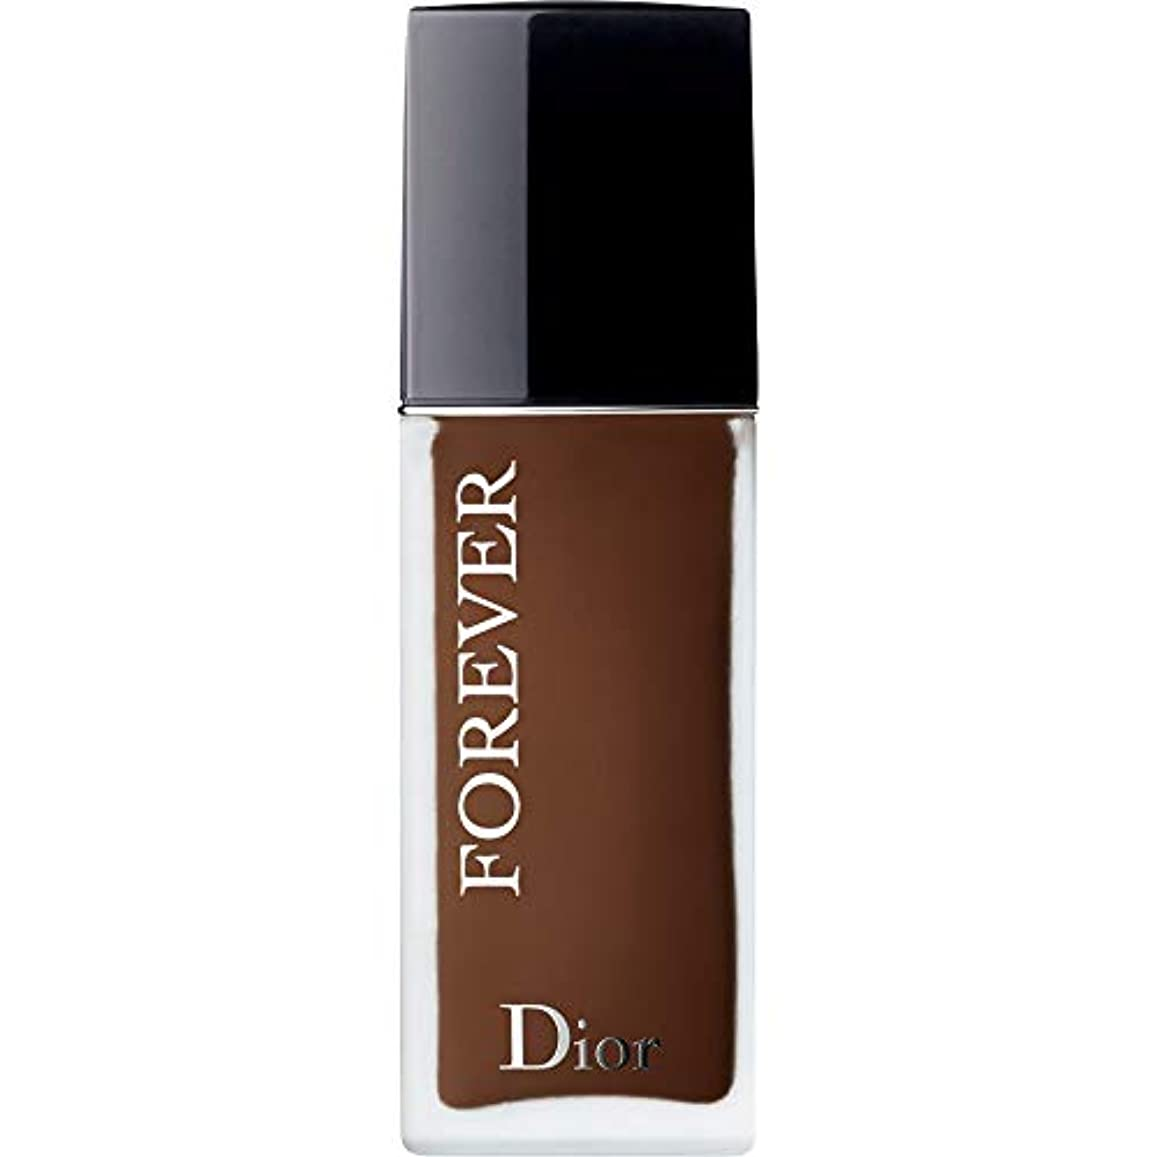 腐食するバックアップ資格情報[Dior ] ディオール永遠皮膚思いやりの基盤Spf35 30ミリリットルの9N - ニュートラル(つや消し) - DIOR Forever Skin-Caring Foundation SPF35 30ml 9N -...